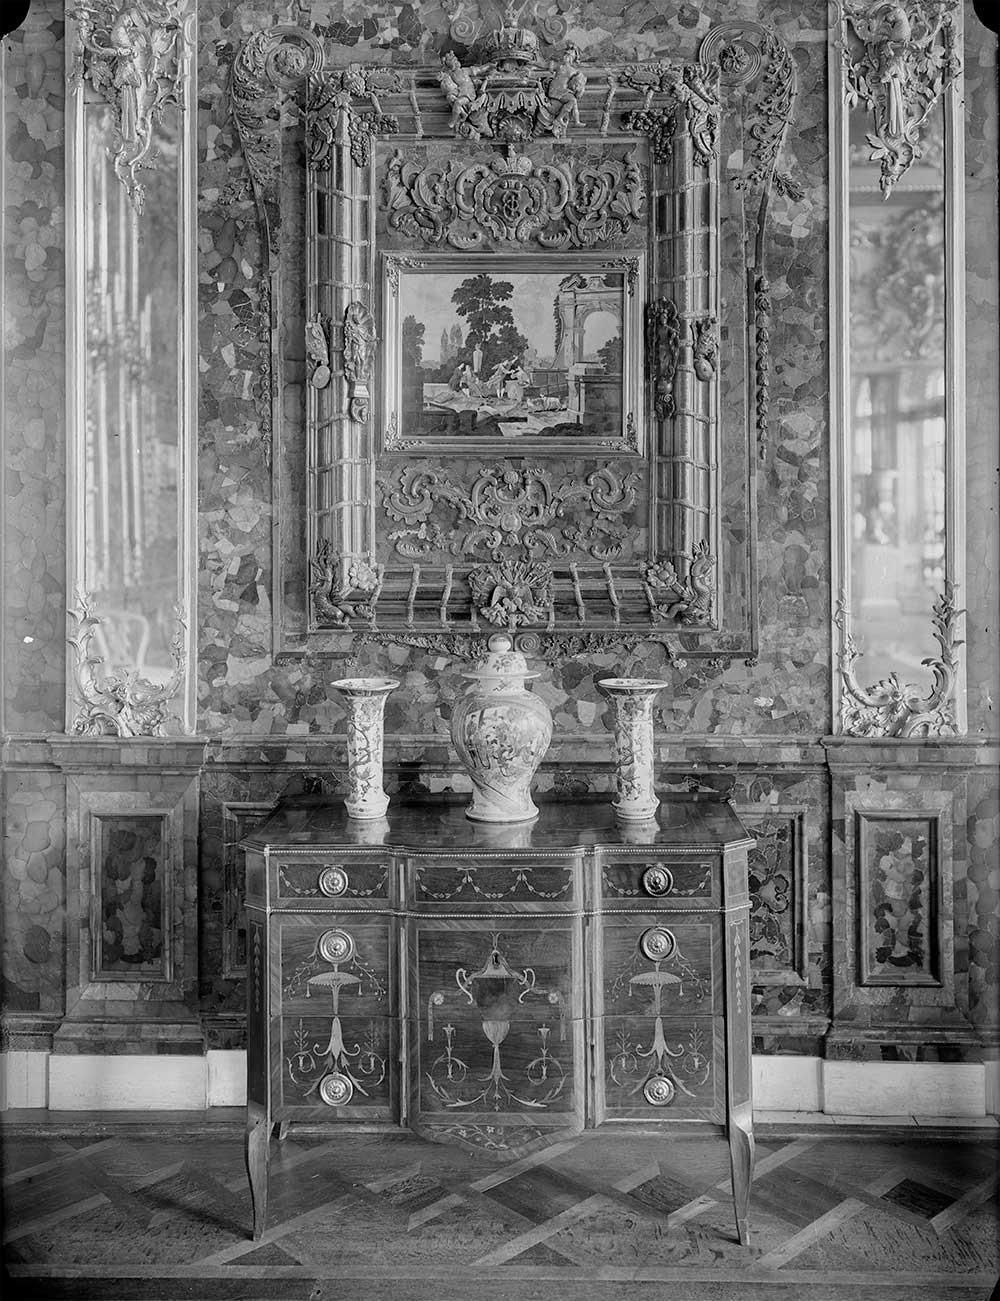 Кехлибарената стая в Екатерининският дворец в Царско село (изнесена от нацистите по време на Втората световна война и изгубена, възстановена през 2000 г.), 1900-те години.